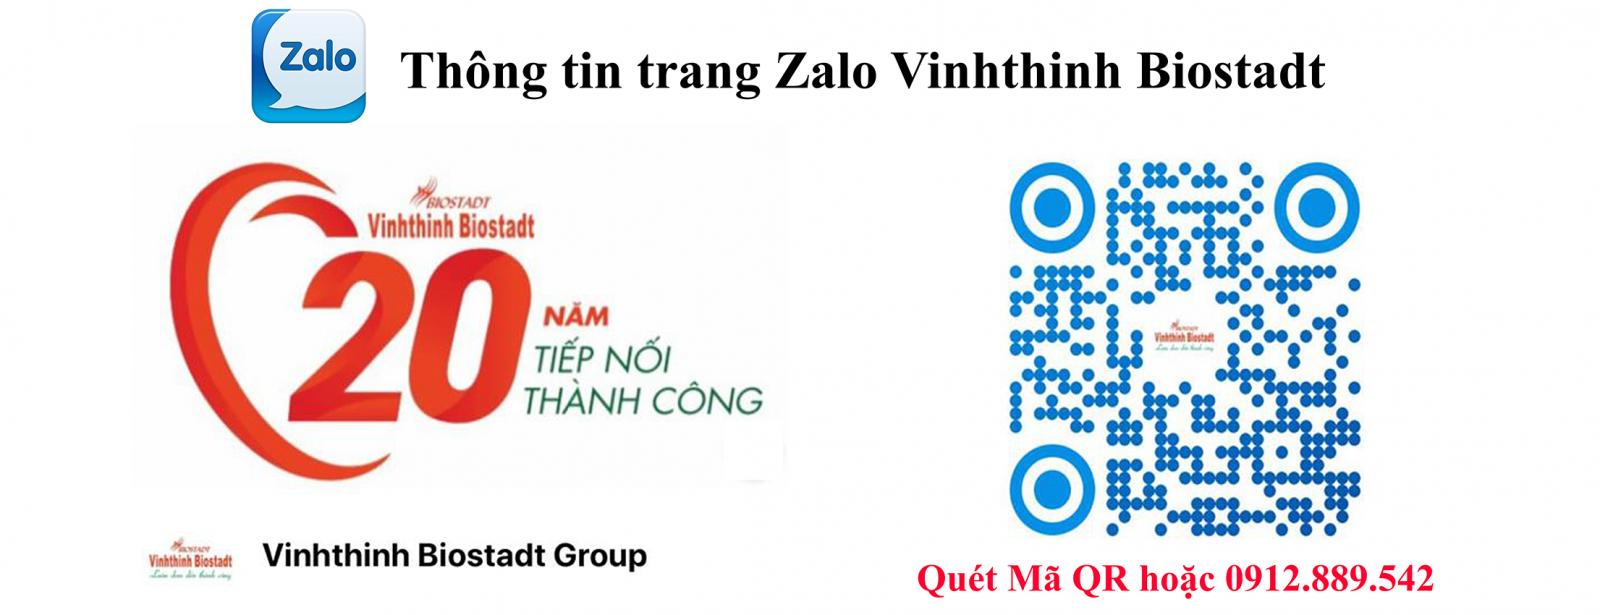 Thông tin trang Zalo Vinhthinh Biostadt